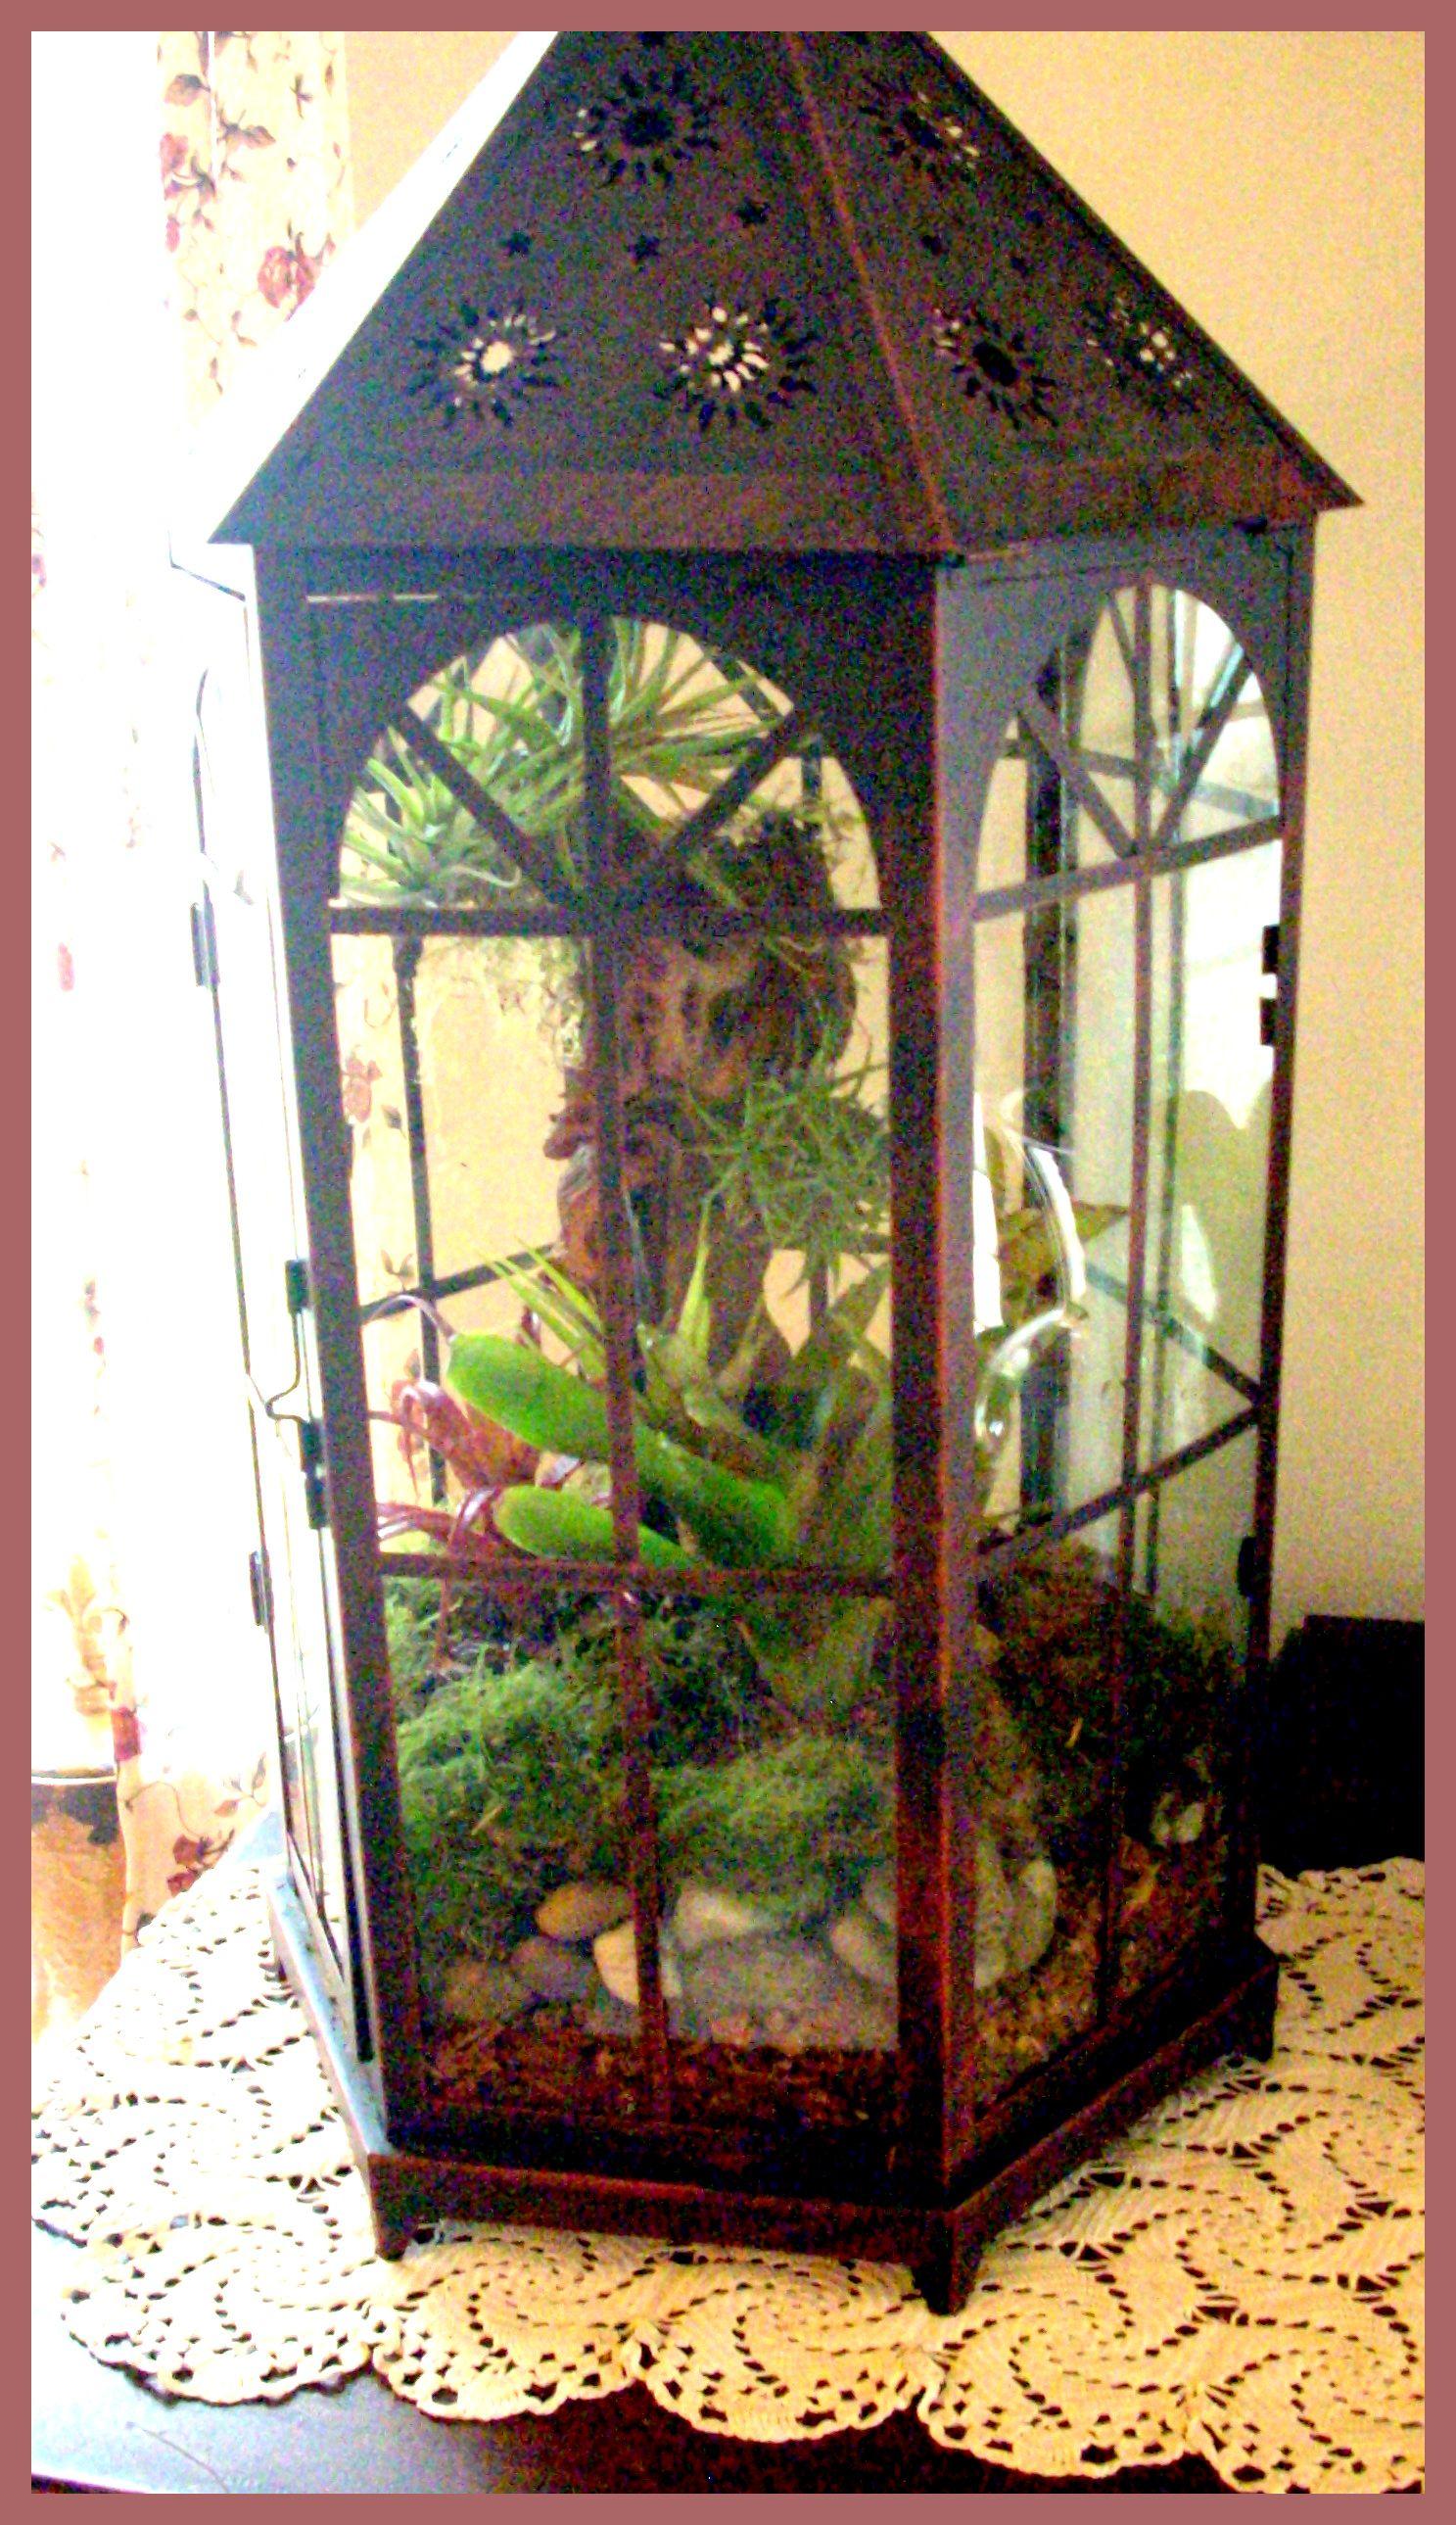 Wardian Case with Bromeliads